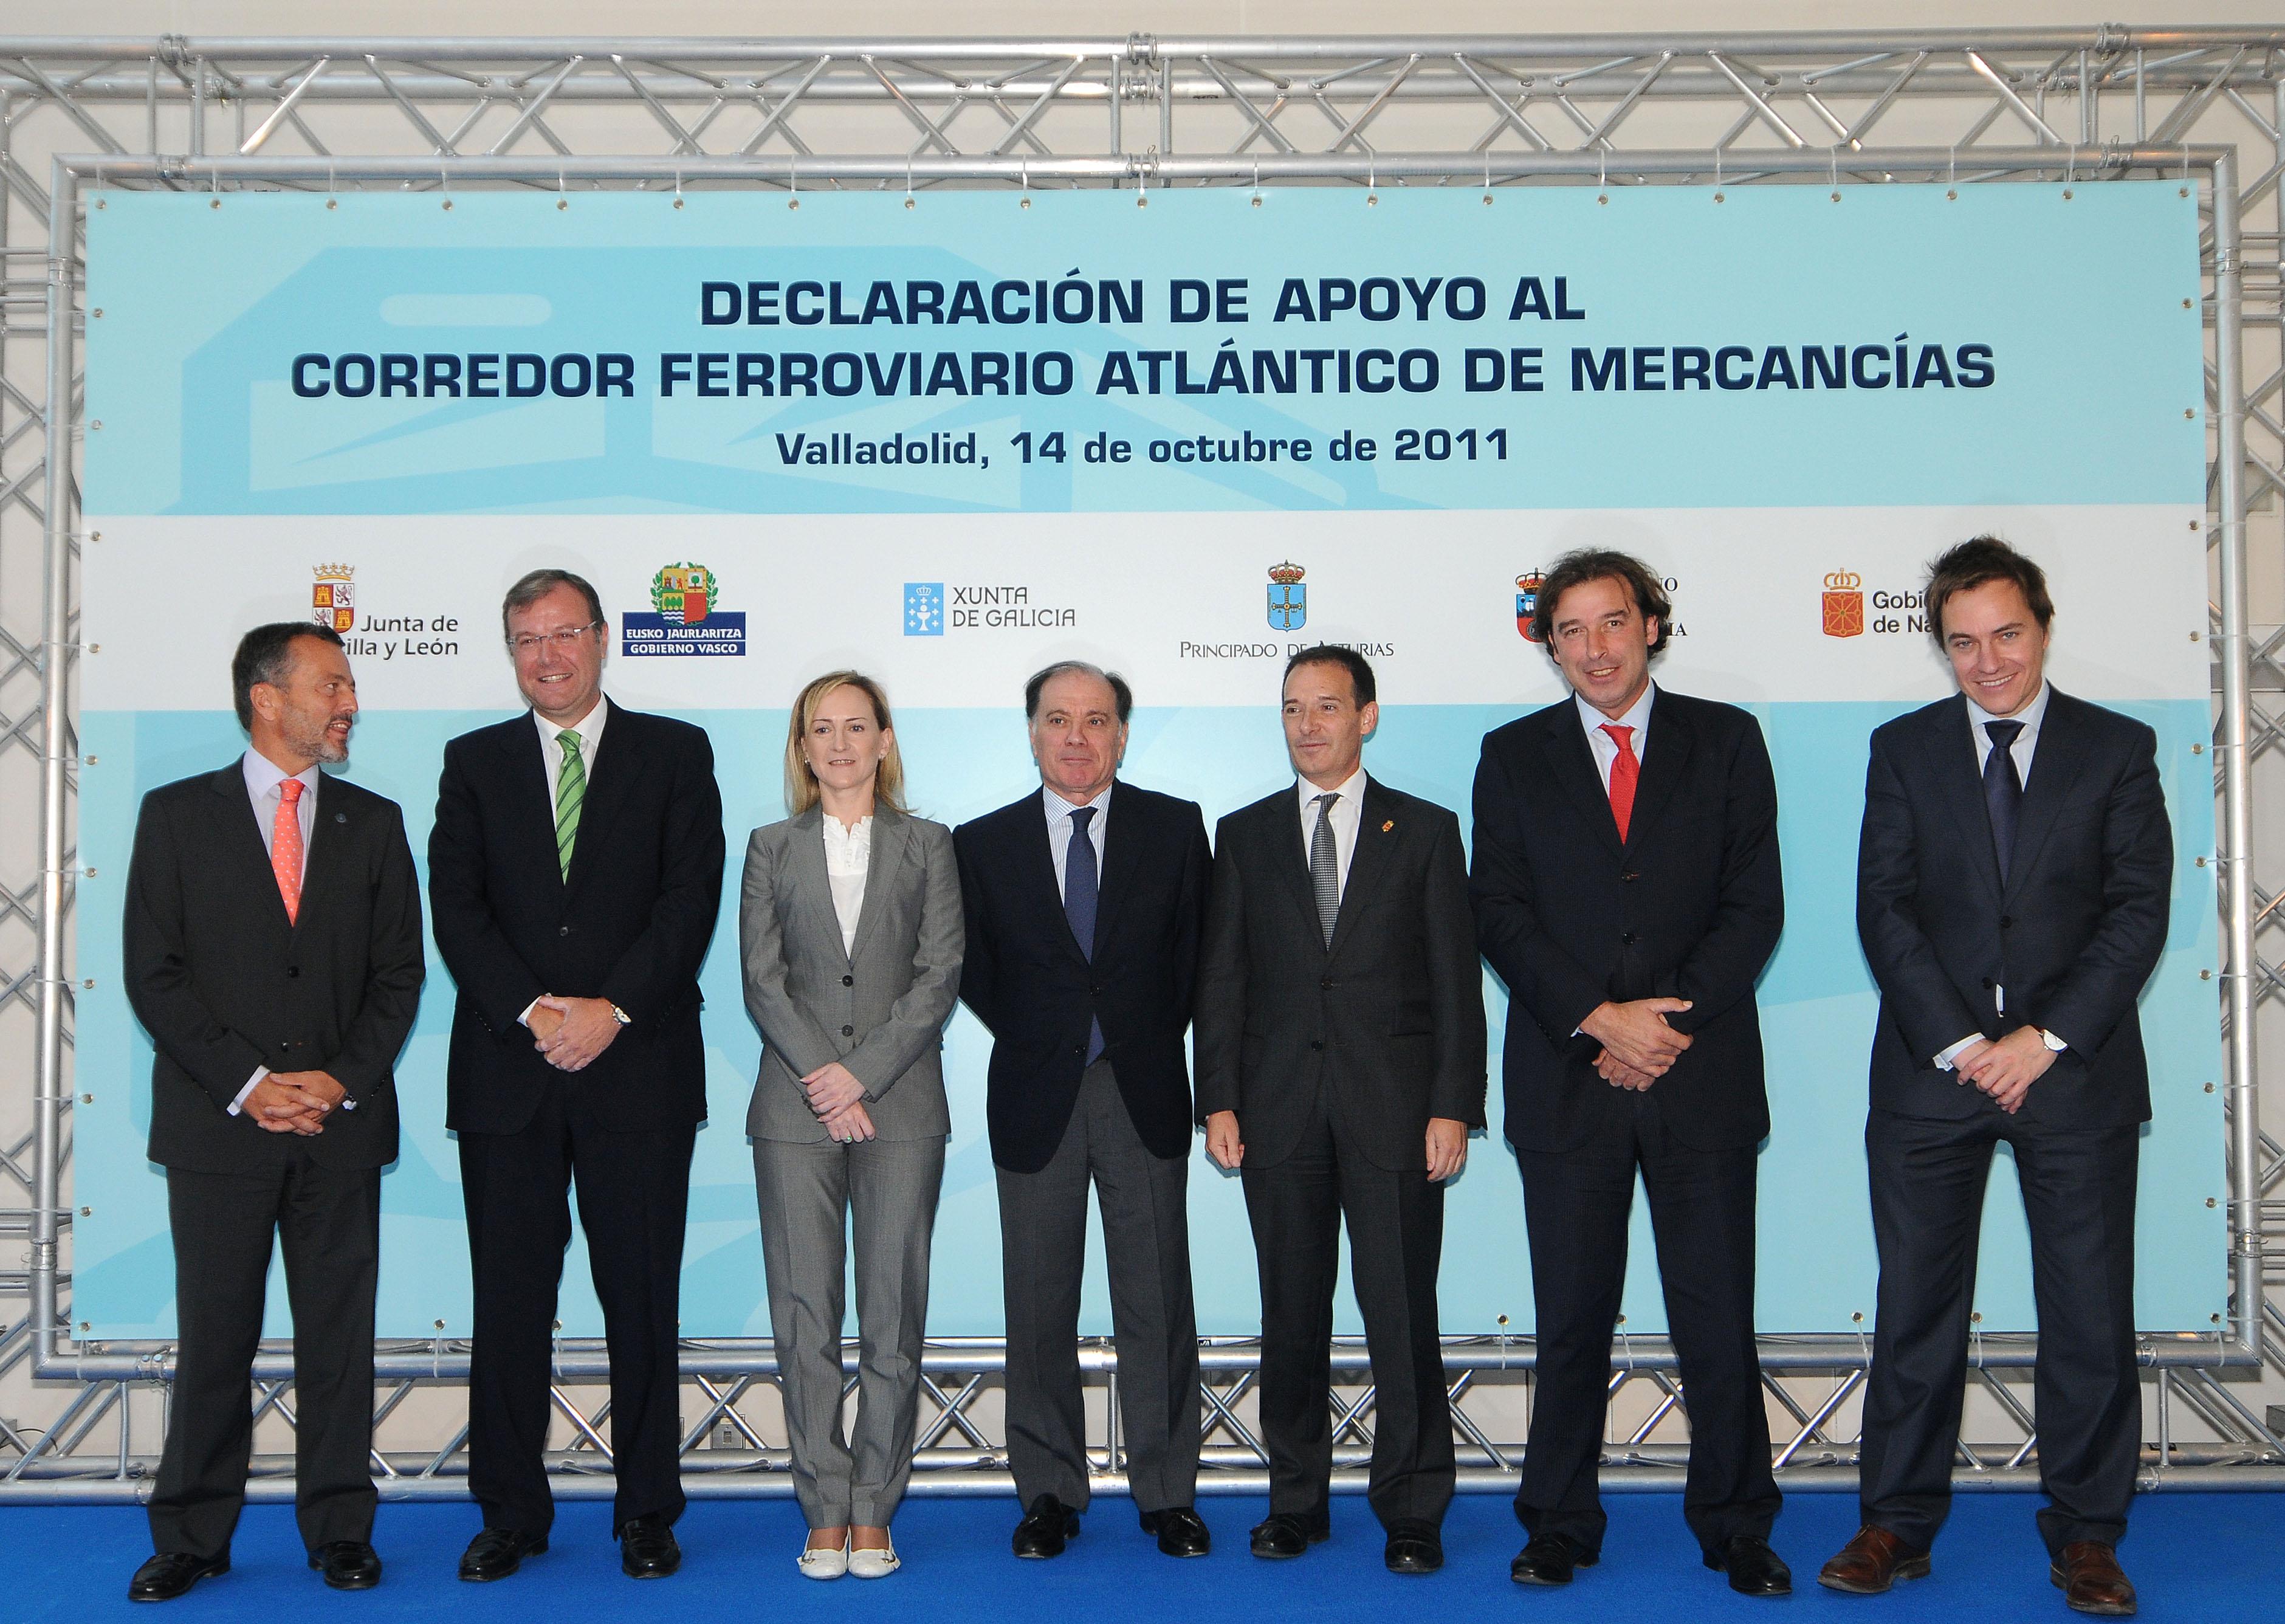 El Gobierno de Navarra muestra su apoyo al Corredor Ferroviario Atlántico de Mercancías